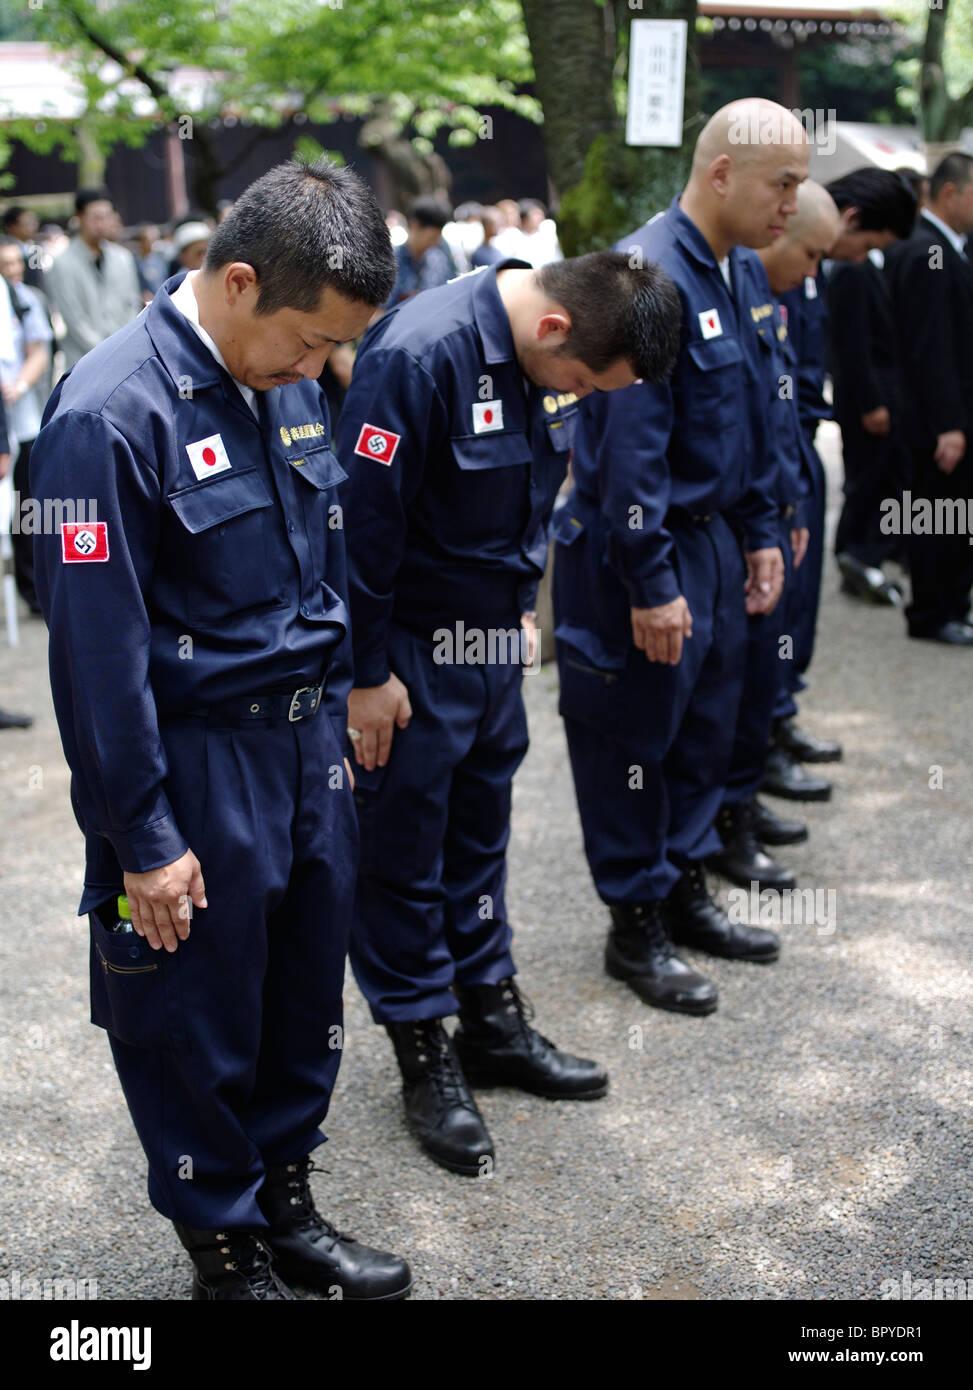 Extreme Far right nationalists at Yasukuni Shrine on August 15 anniversary. Japanese flag and Nazi Swastika on uniform. - Stock Image